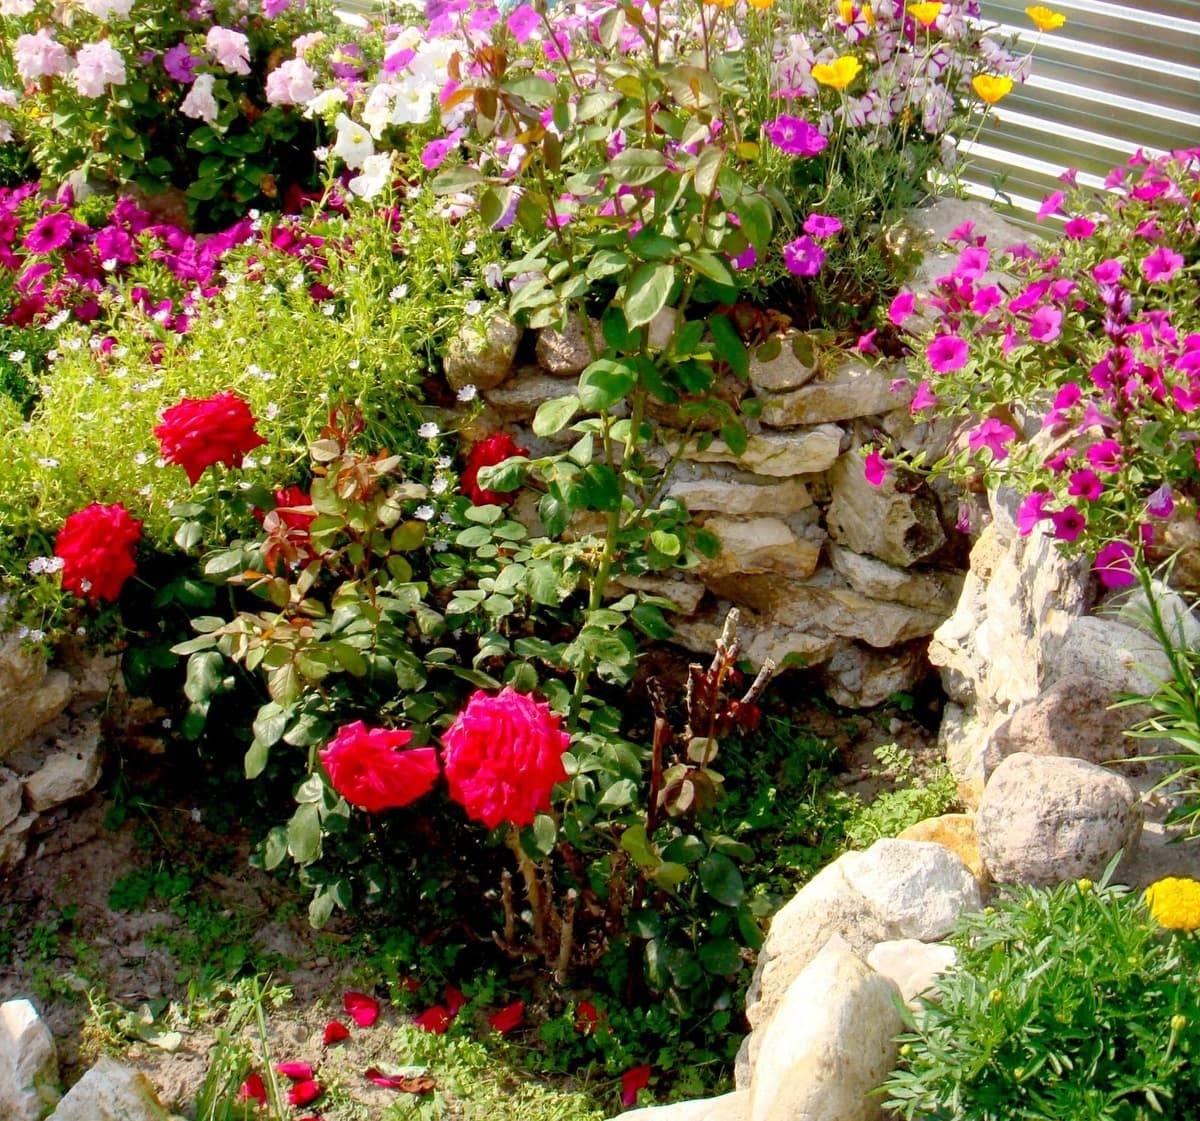 Розарий на даче своими руками: фото красивых клумб, дизайн и схемы посадки кустов